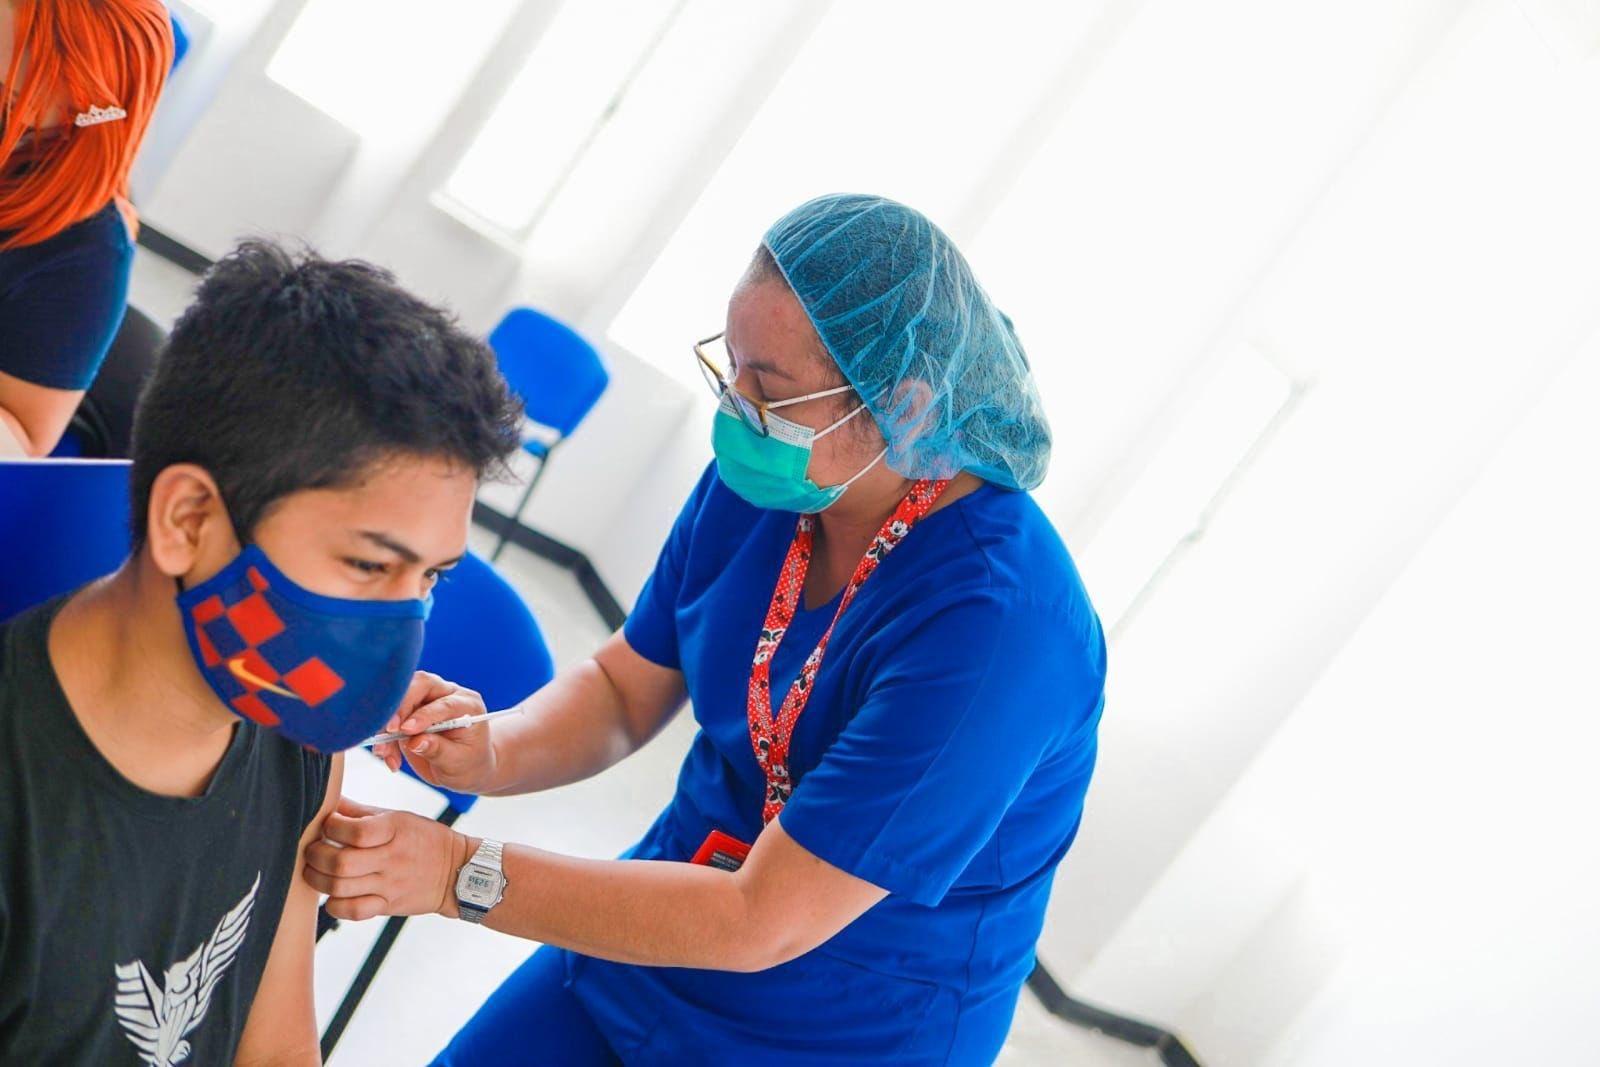 Mayores de 12 años logran obtener vacuna contra COVID-19 en El Salvador imagen